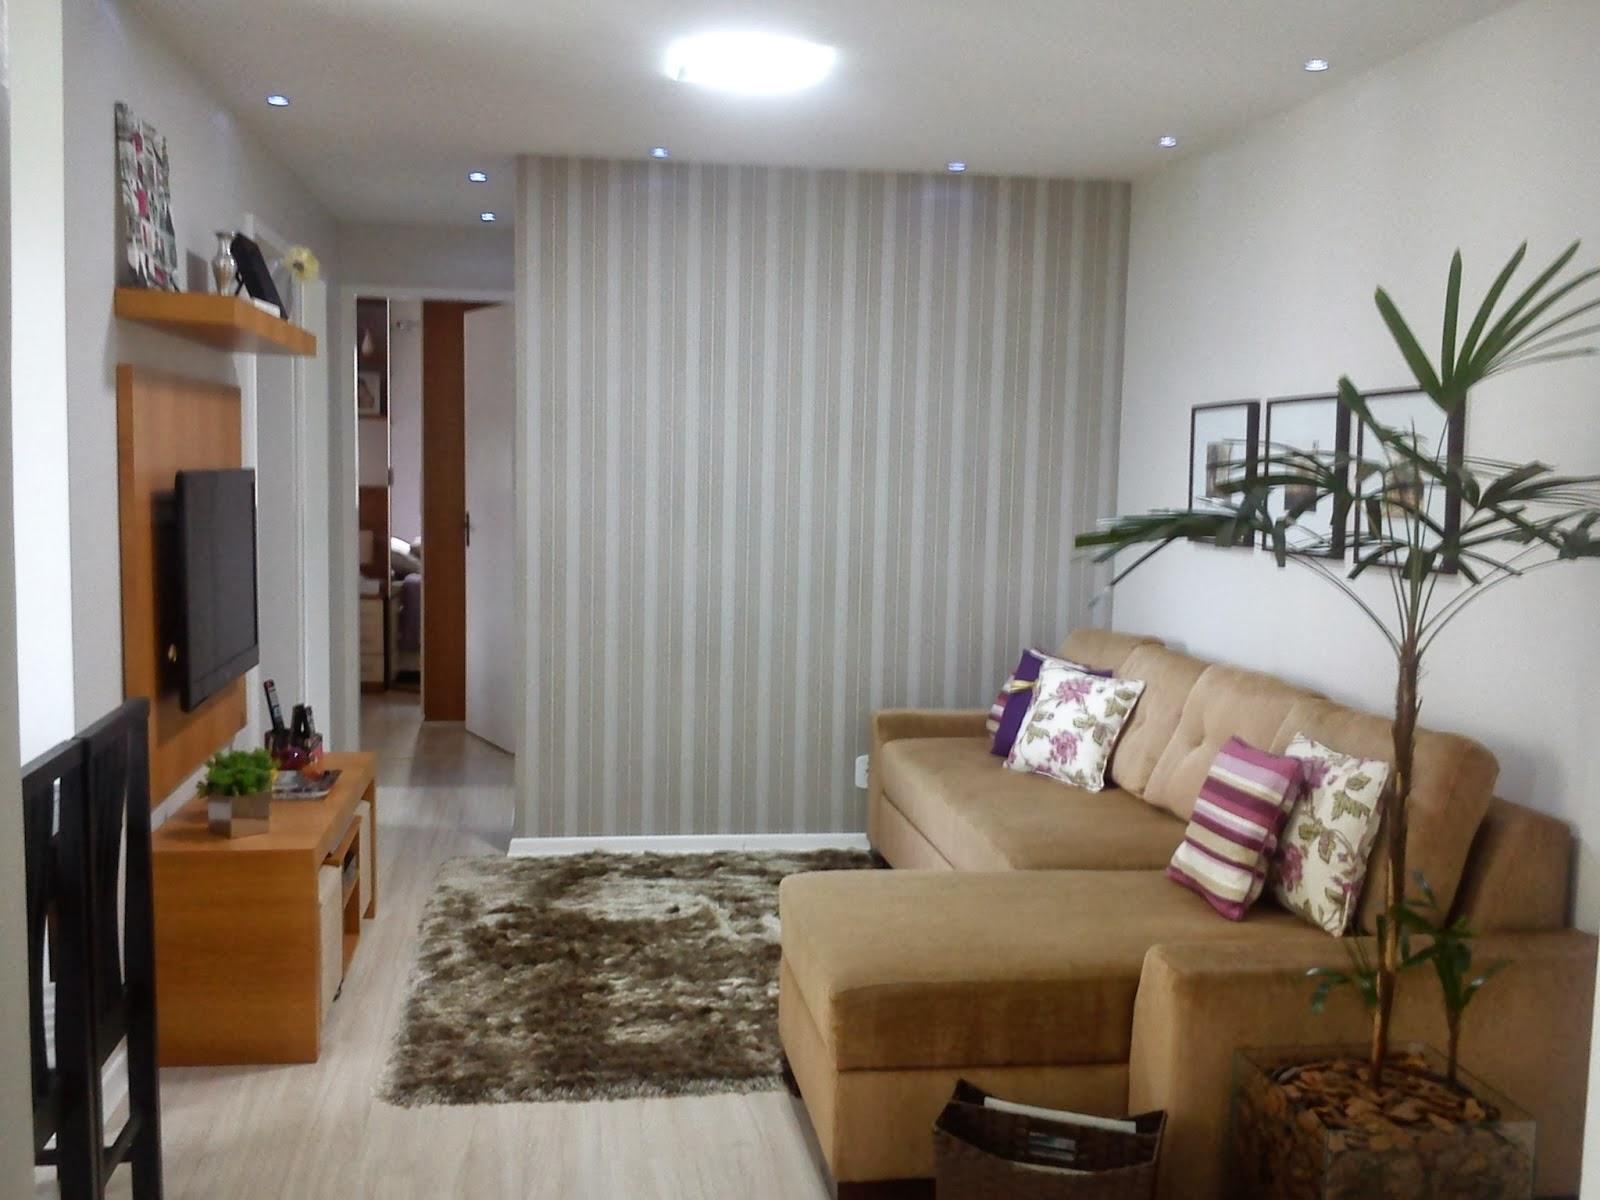 Dicas de como decorar uma sala pequena decore j for Como decorar una sala de estar pequena